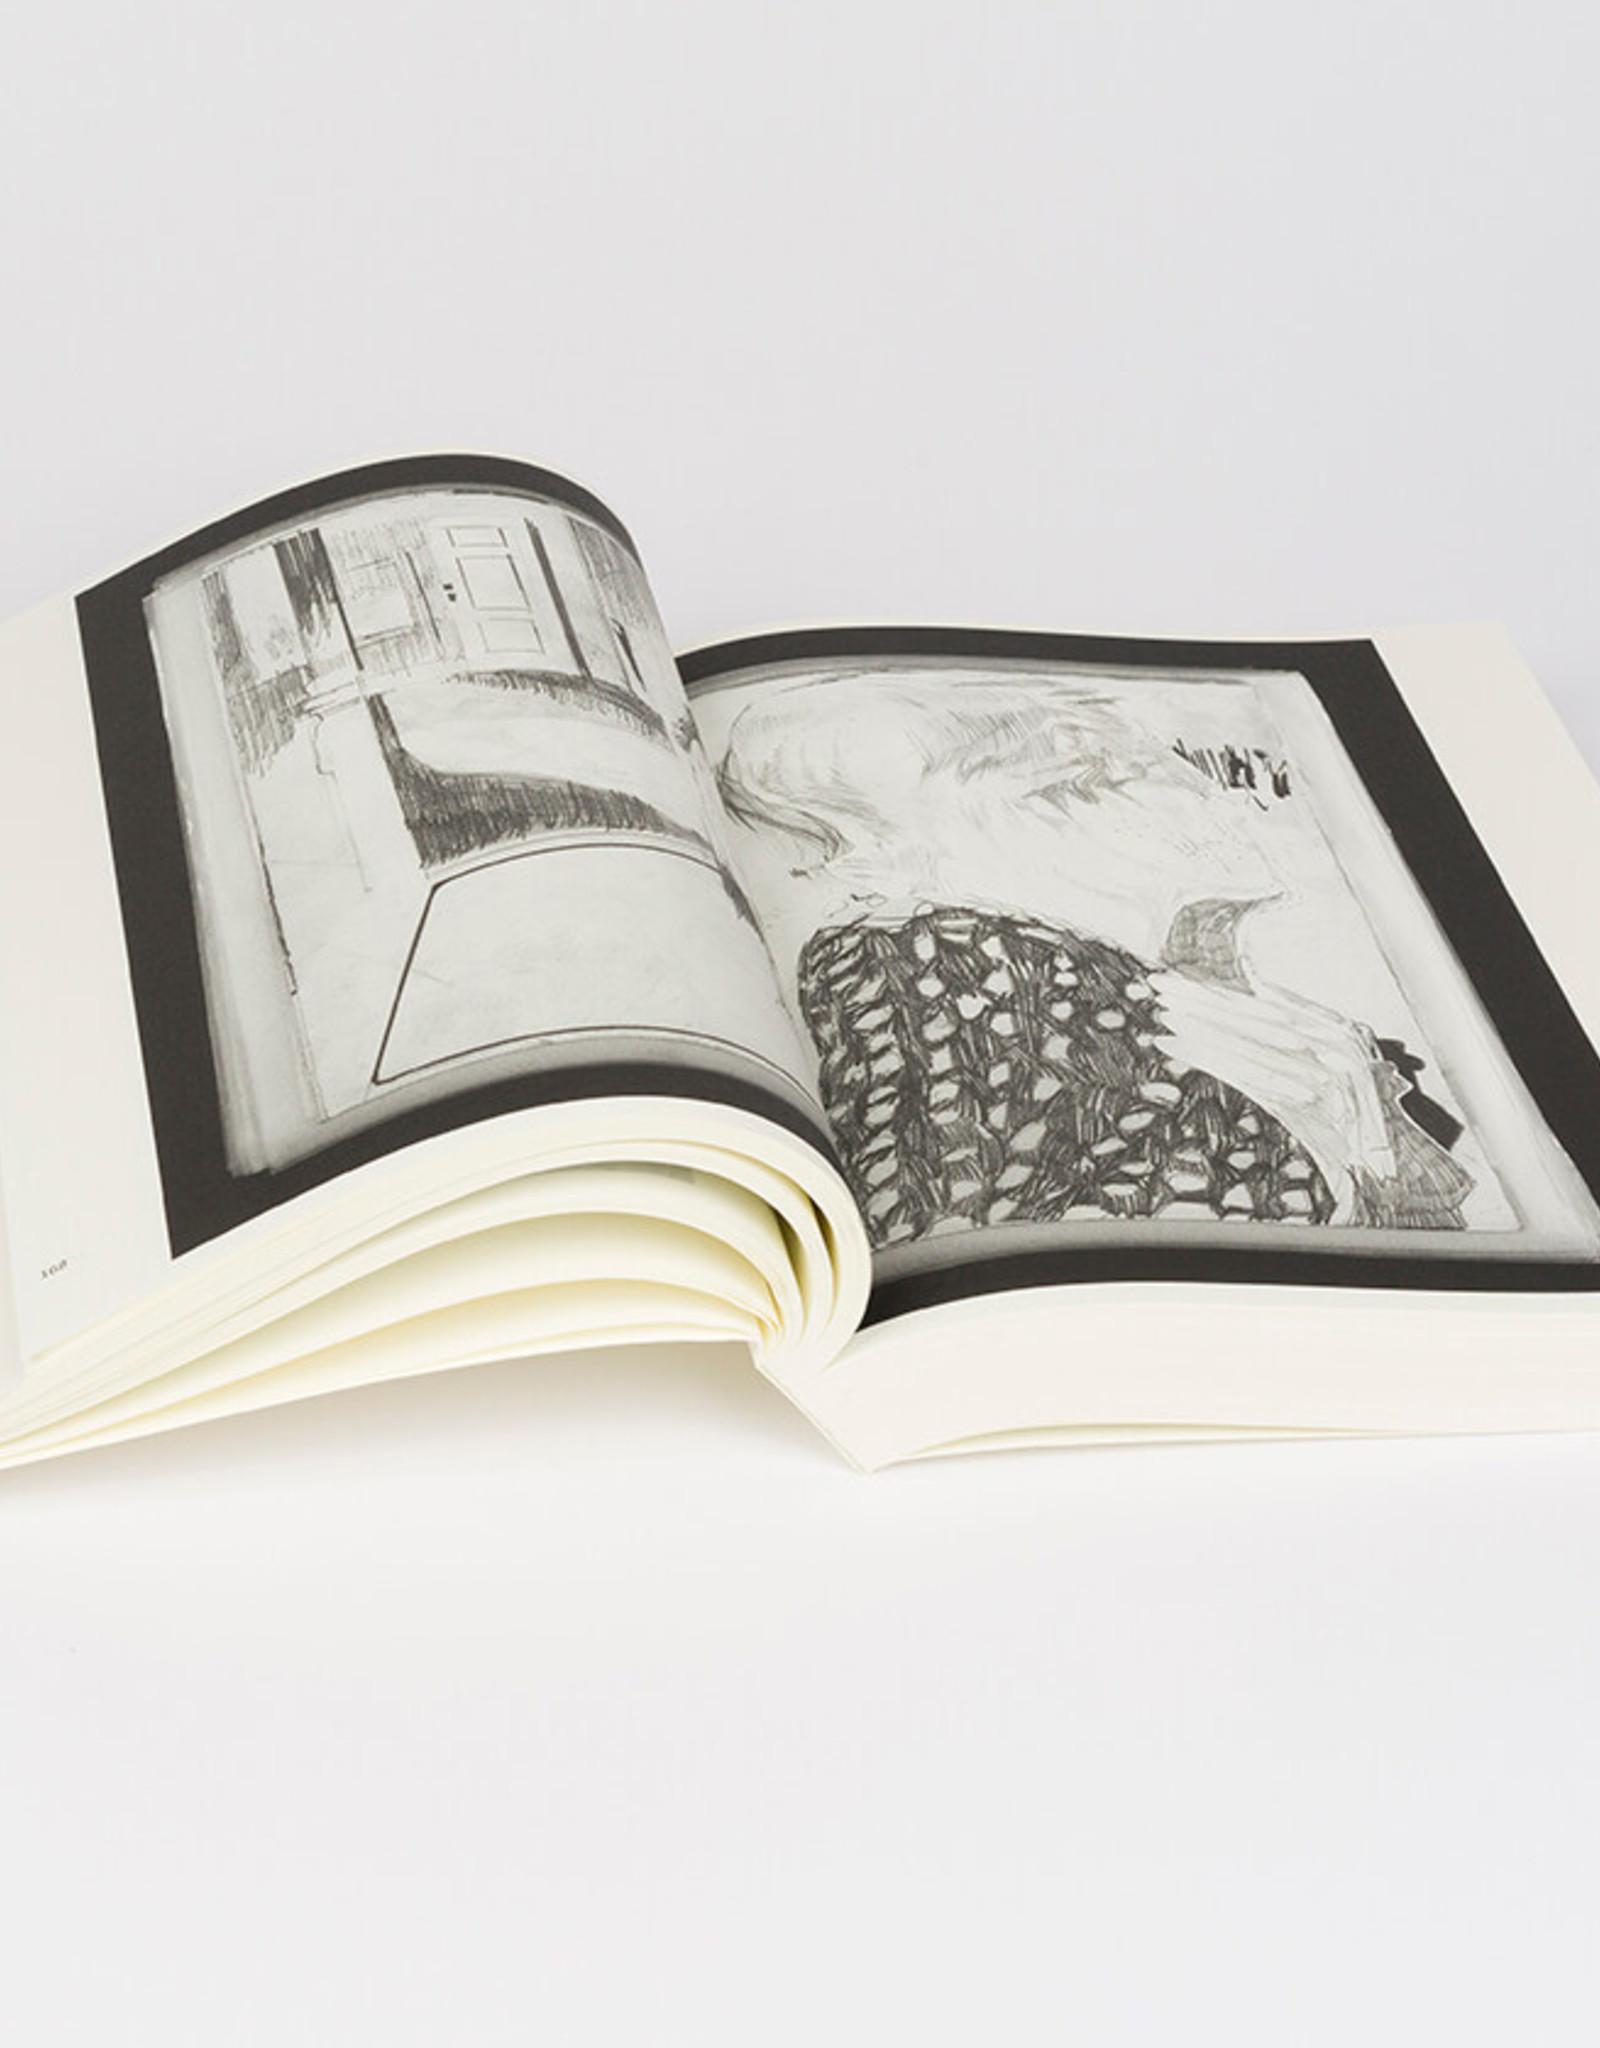 Stefan Serneels - Schetsboeken 1-6